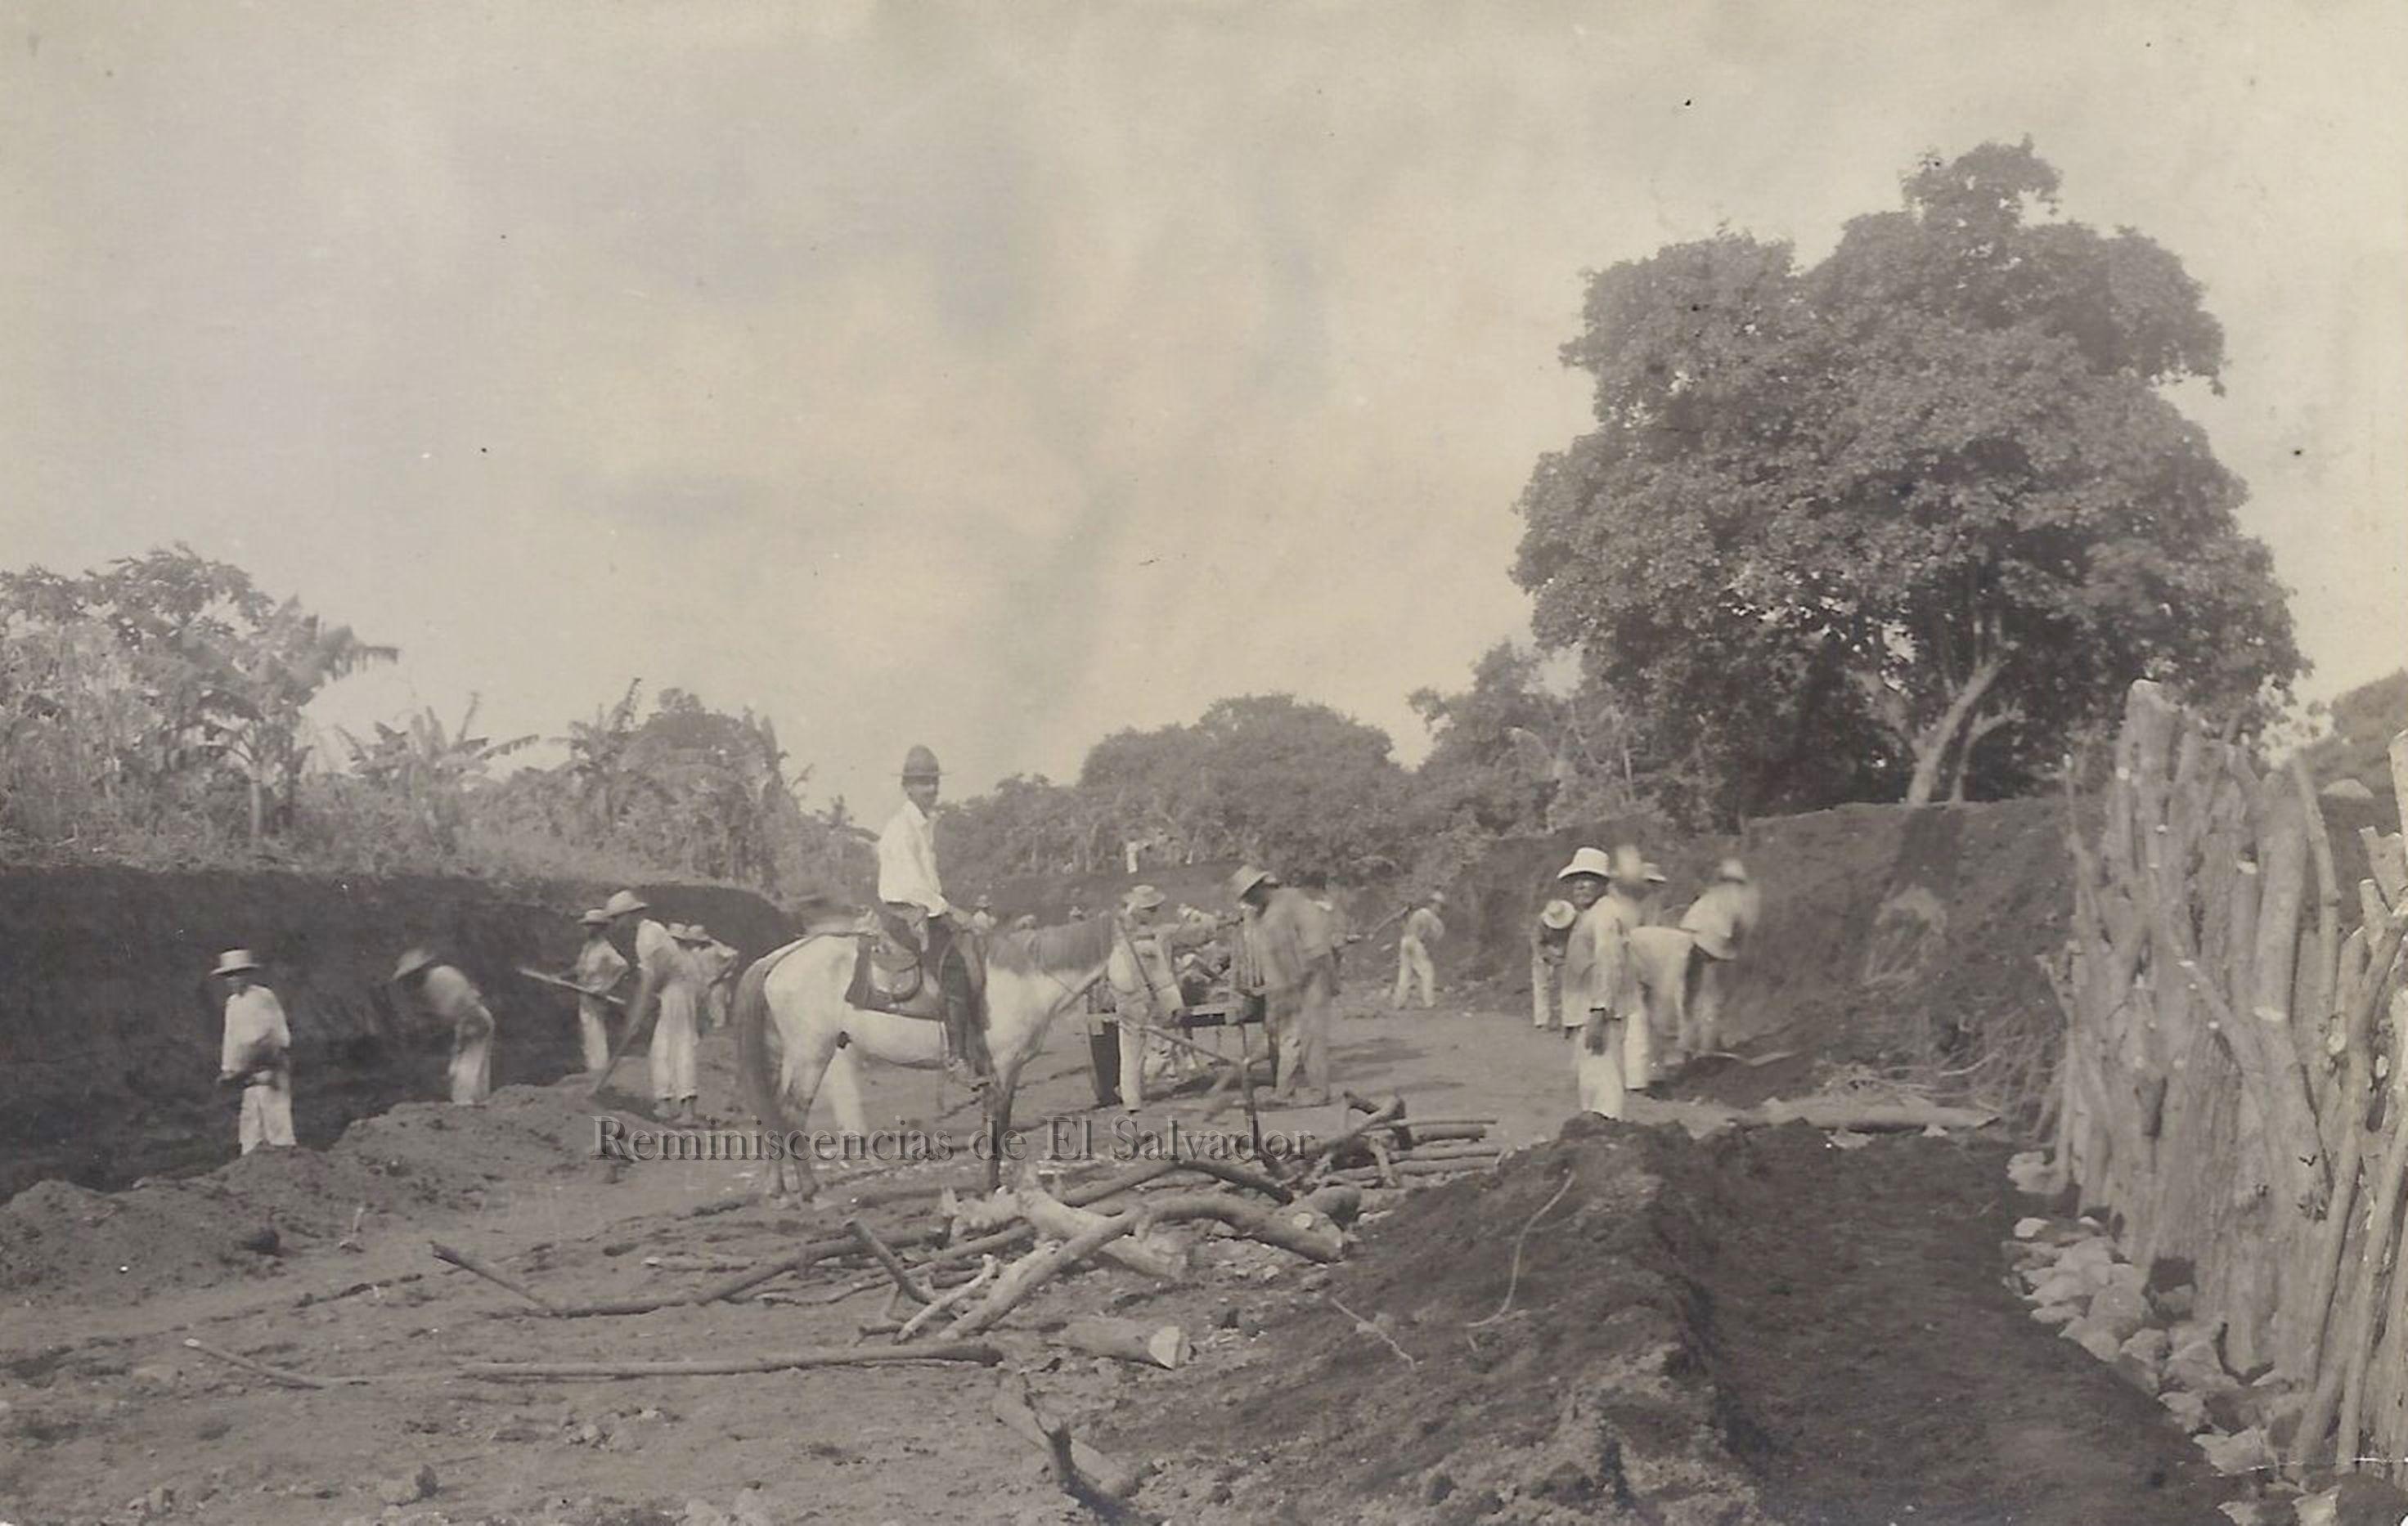 1918, Salvadoreños, abriendo caminos en el algun lugar de El ...